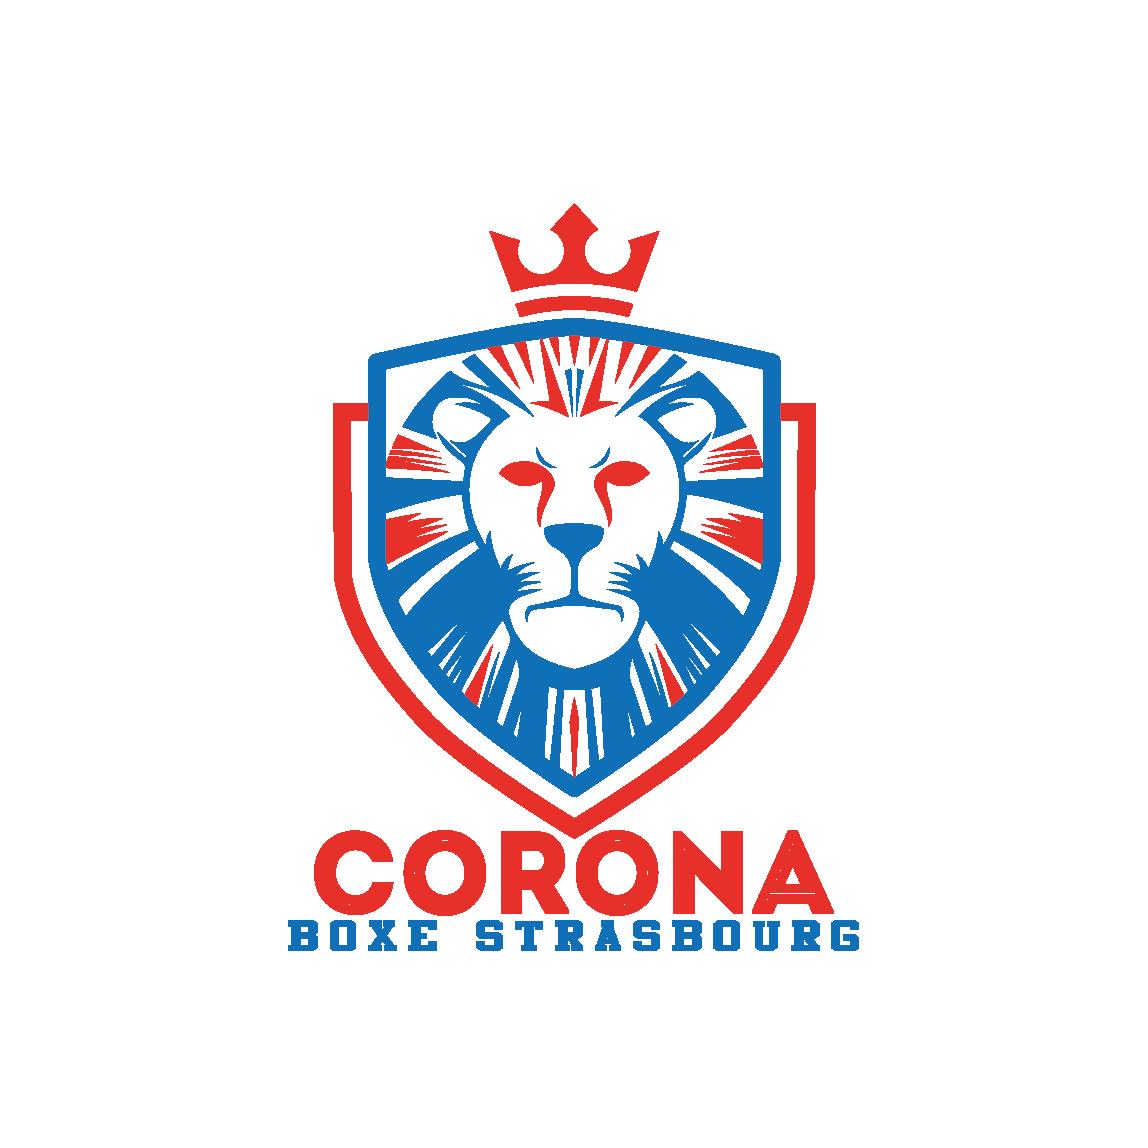 A.S. Corona Boxe